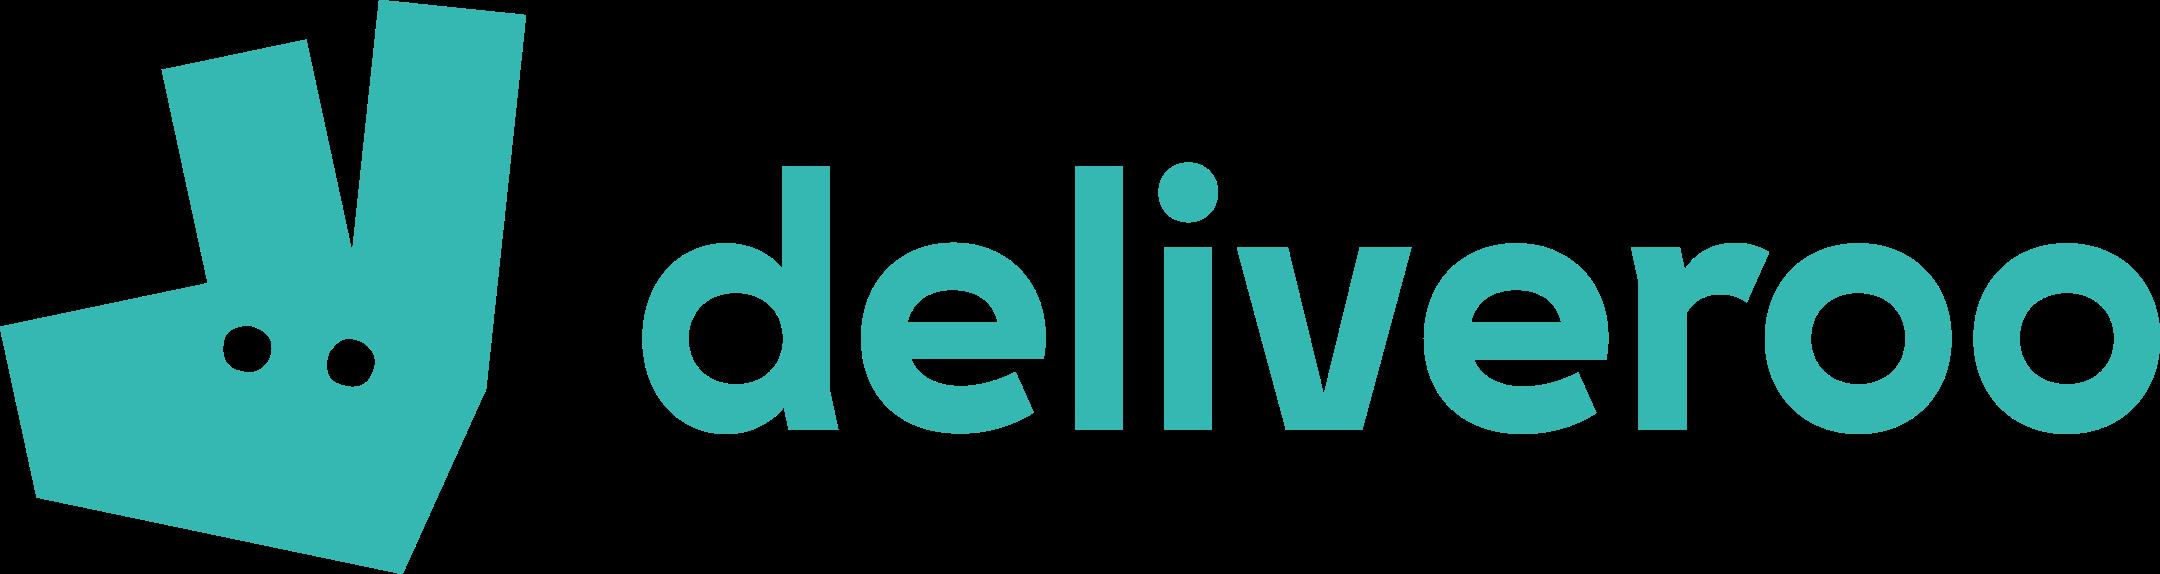 deliveroo logo 2 - Deliveroo Logo